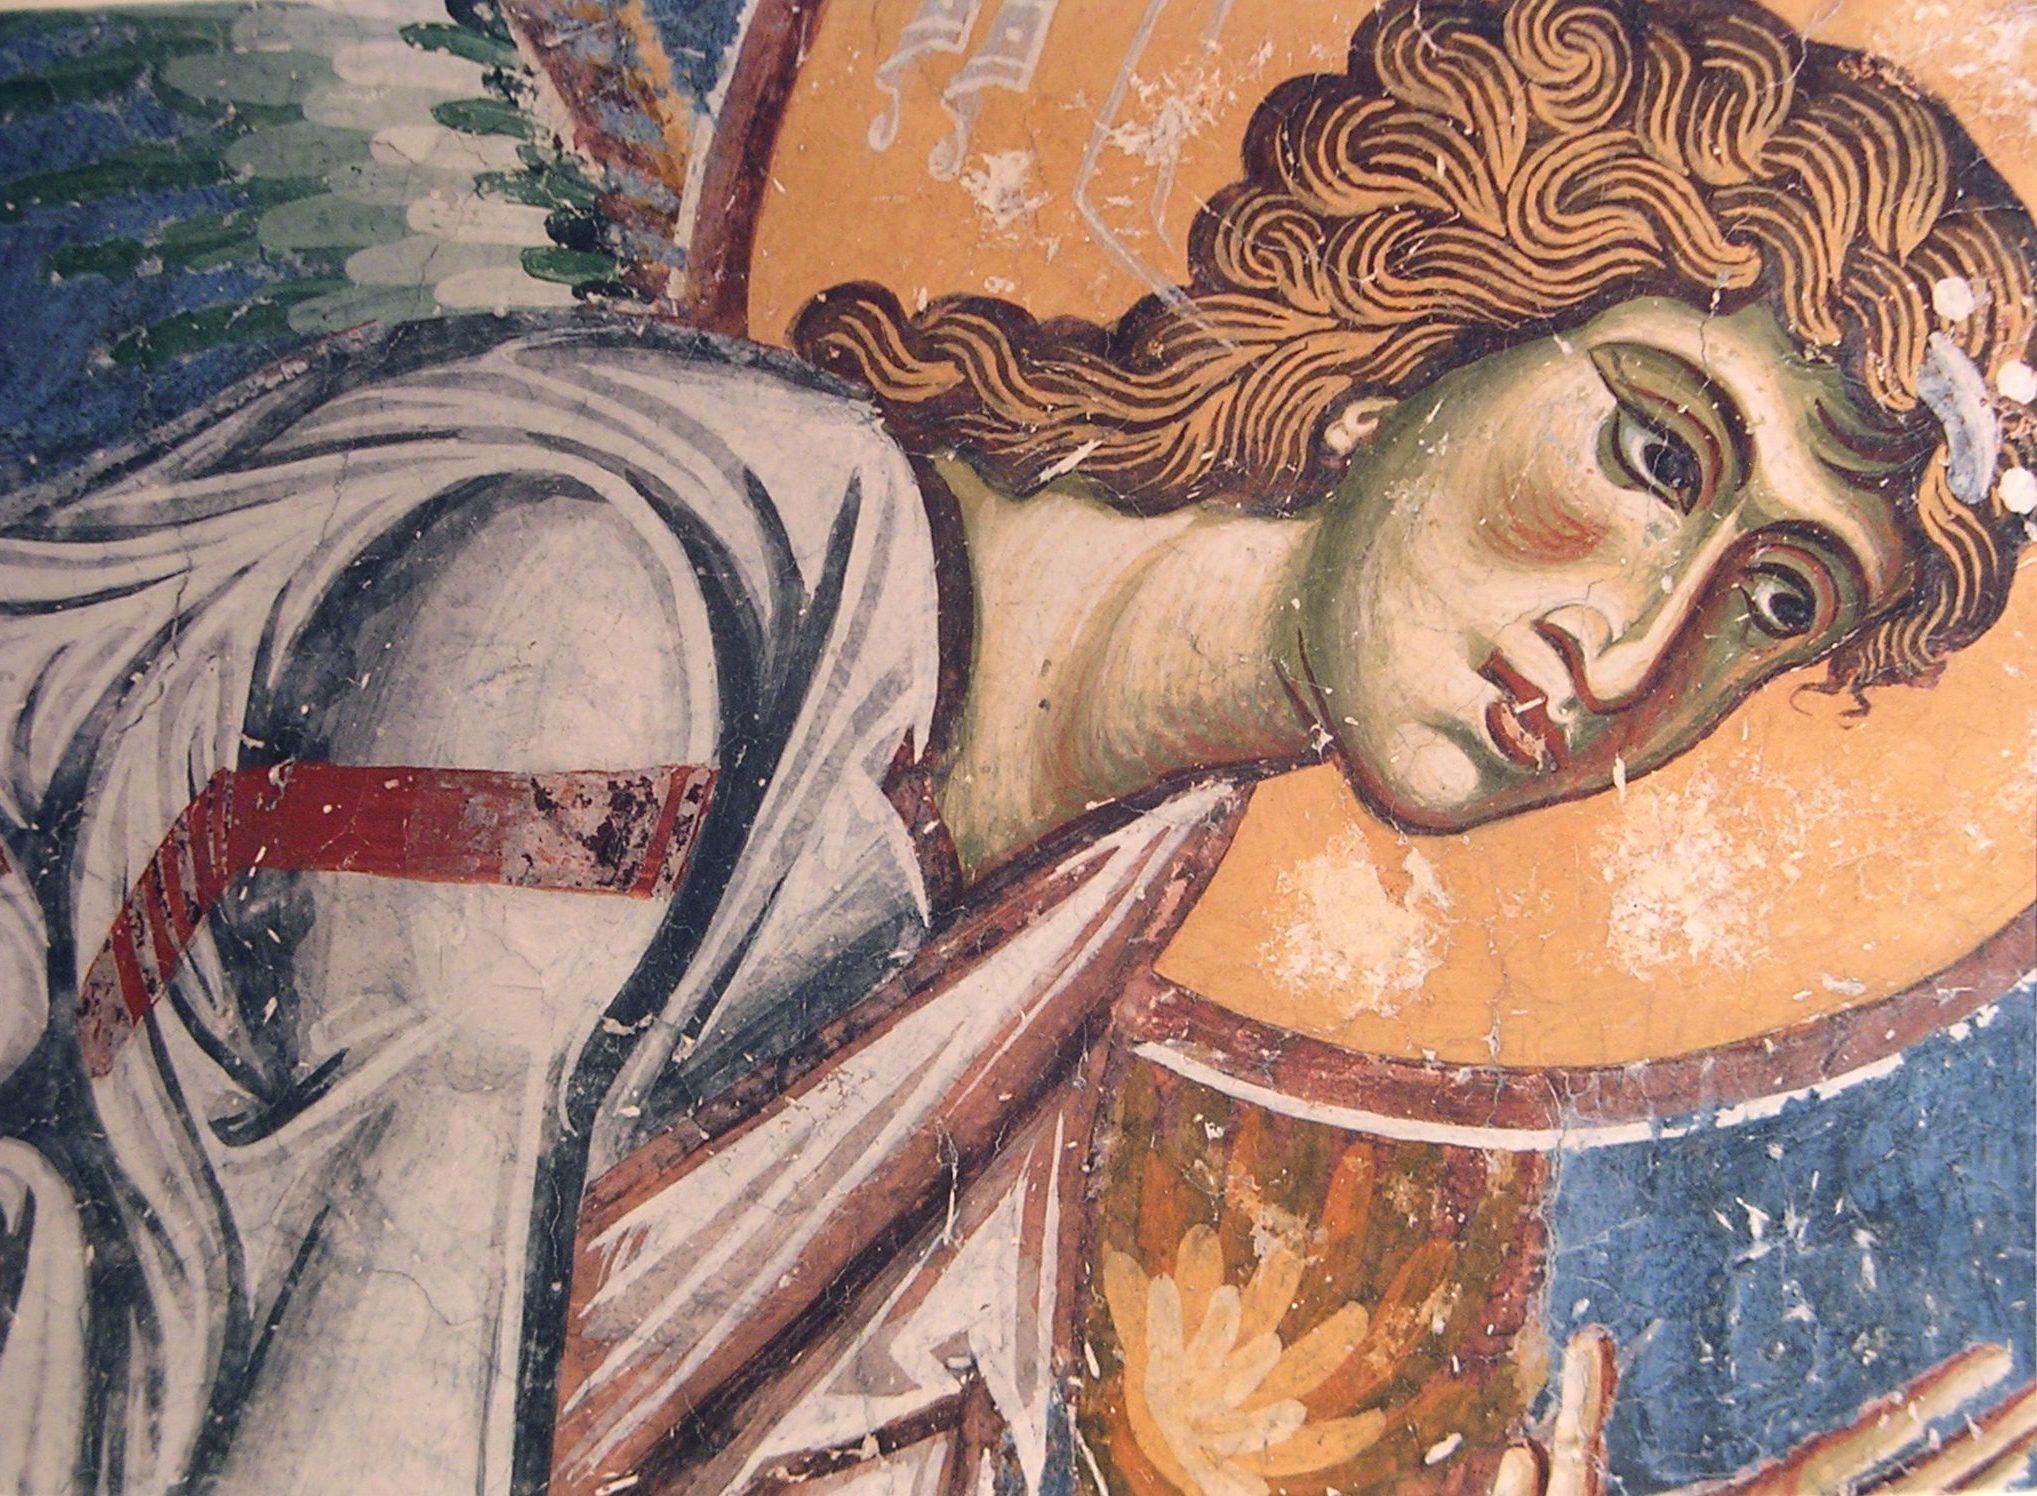 Архангел Михаил. Фрагмент фрески церкви Св. Георгия в Курбиново, Македония. 1191 год.